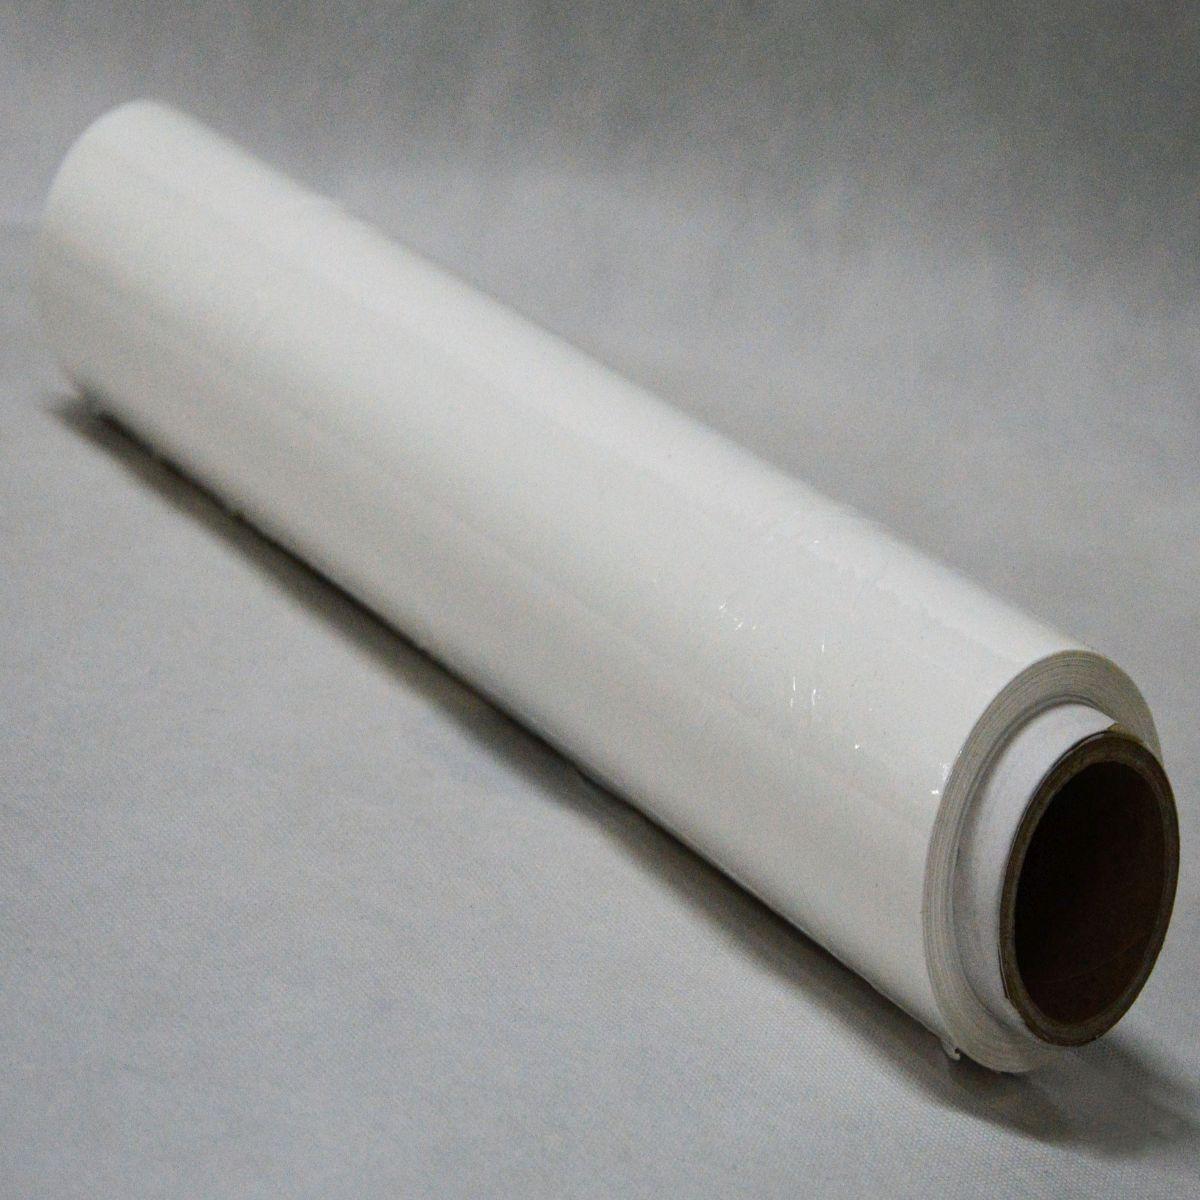 Folia stretch ręczna biała